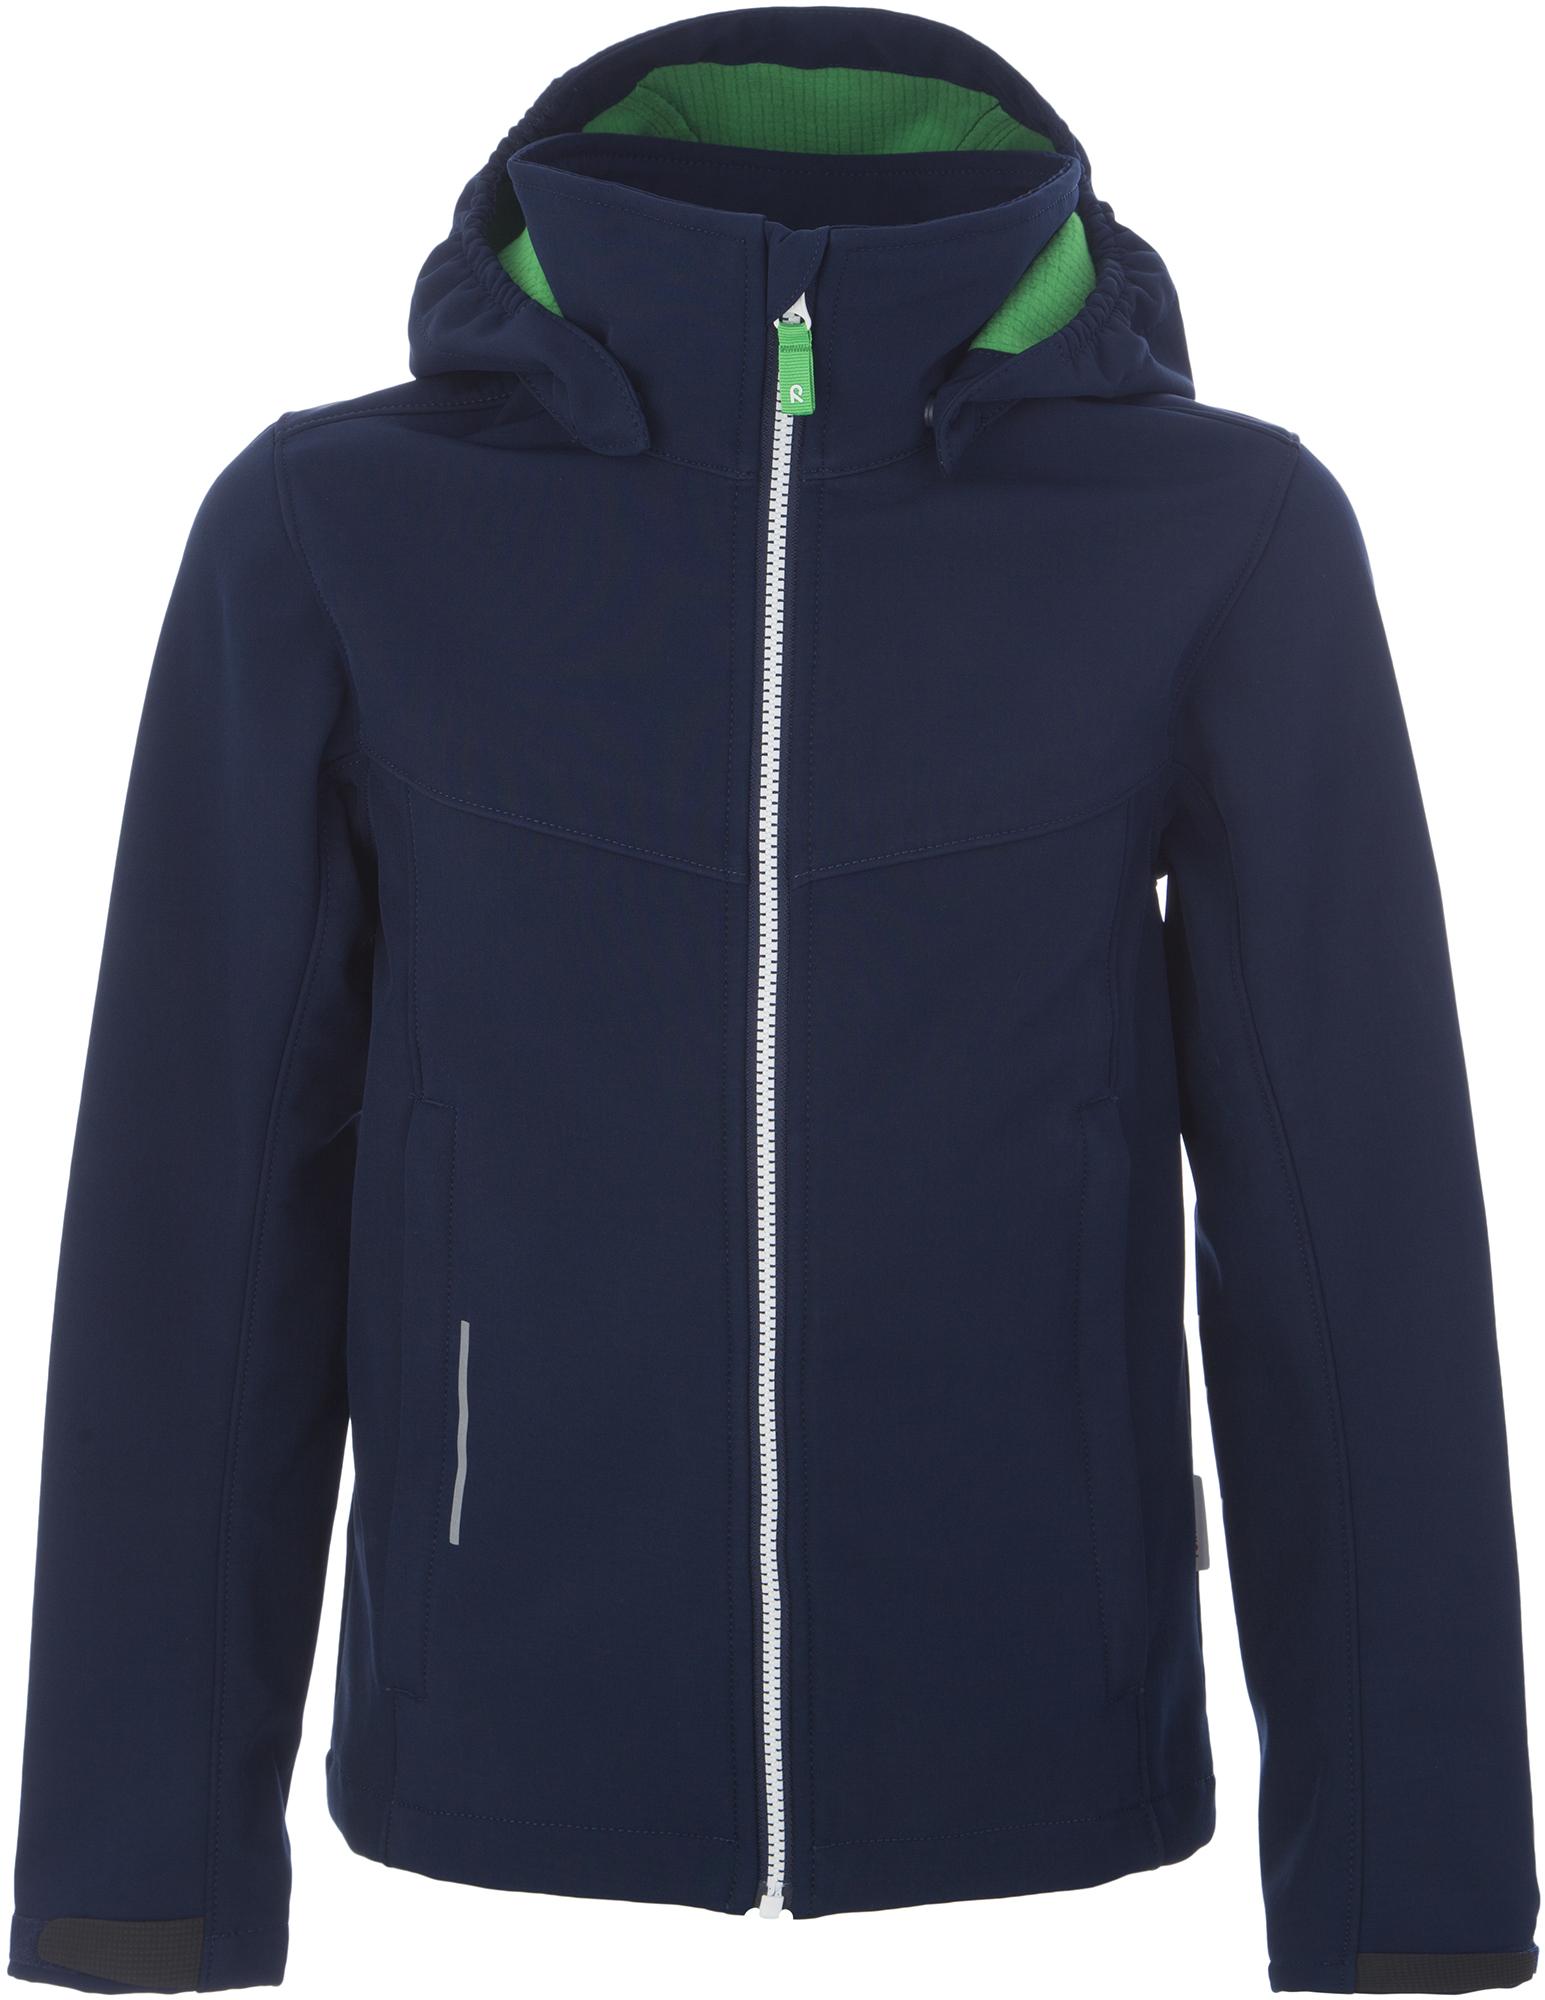 Reima Куртка для мальчиков Reima Grus, размер 140 цена